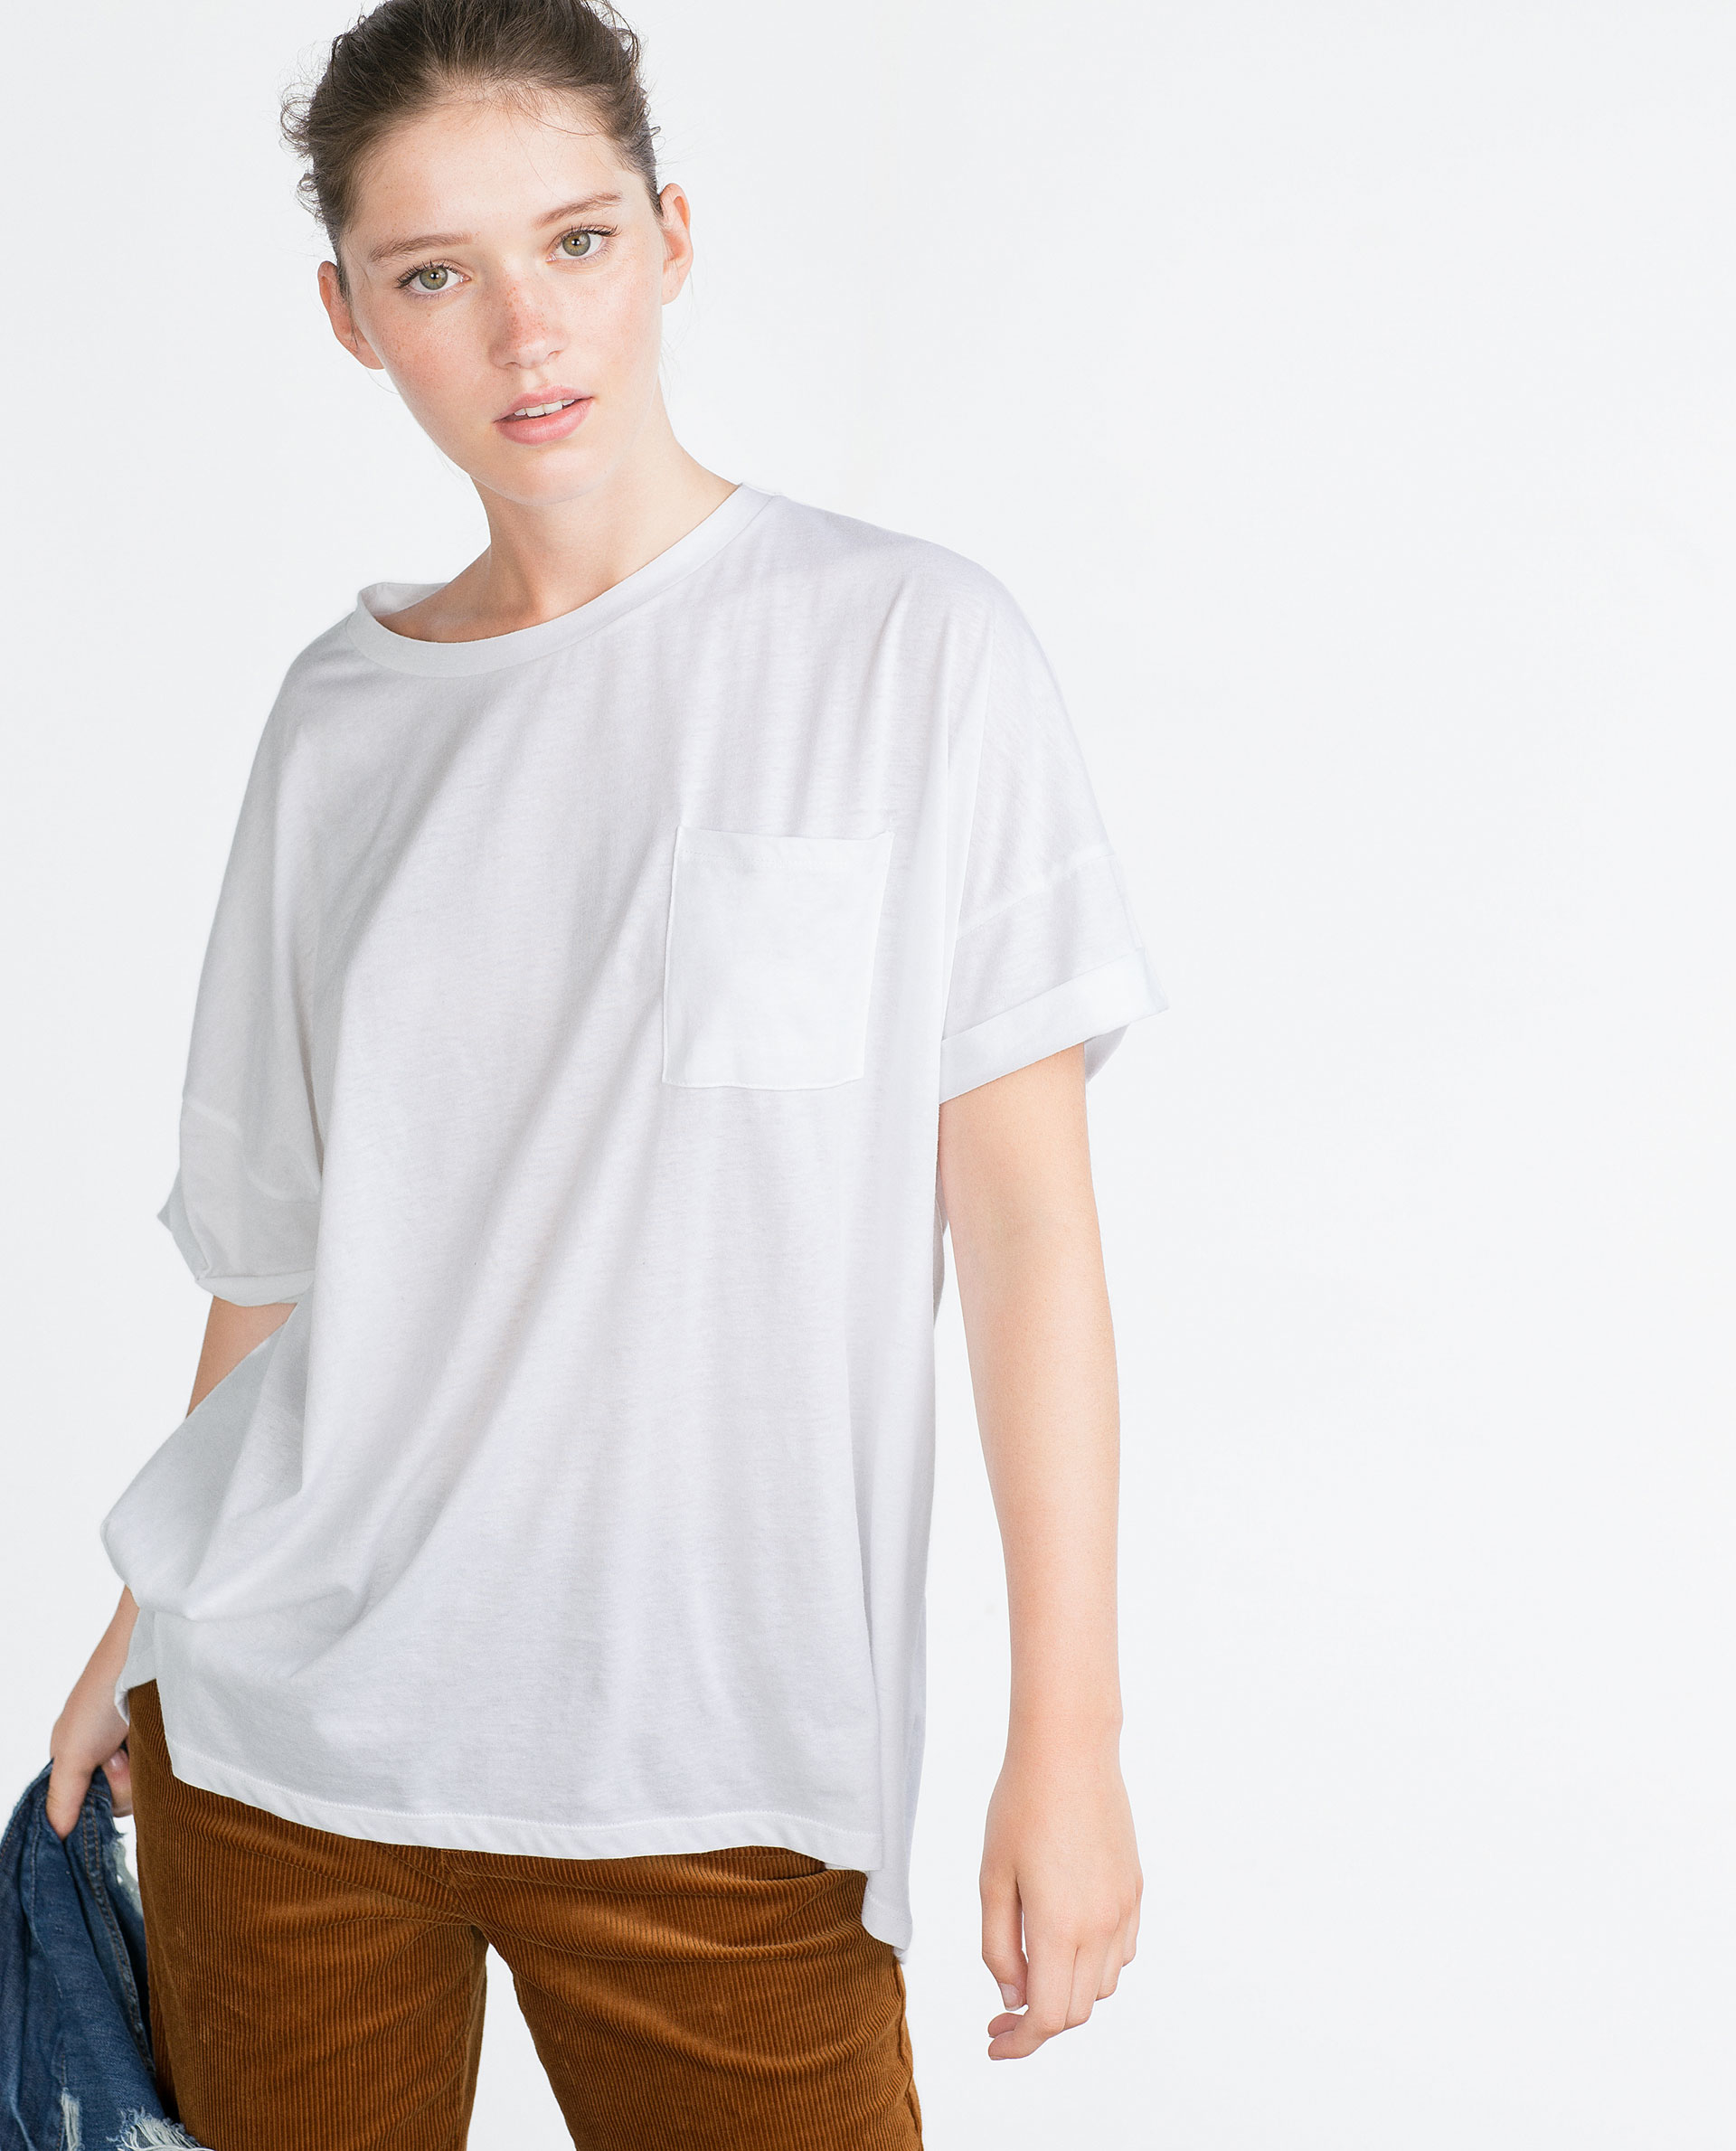 Zara Oversized T-Shirt Oversized T-Shirt In White  Lyst-5036